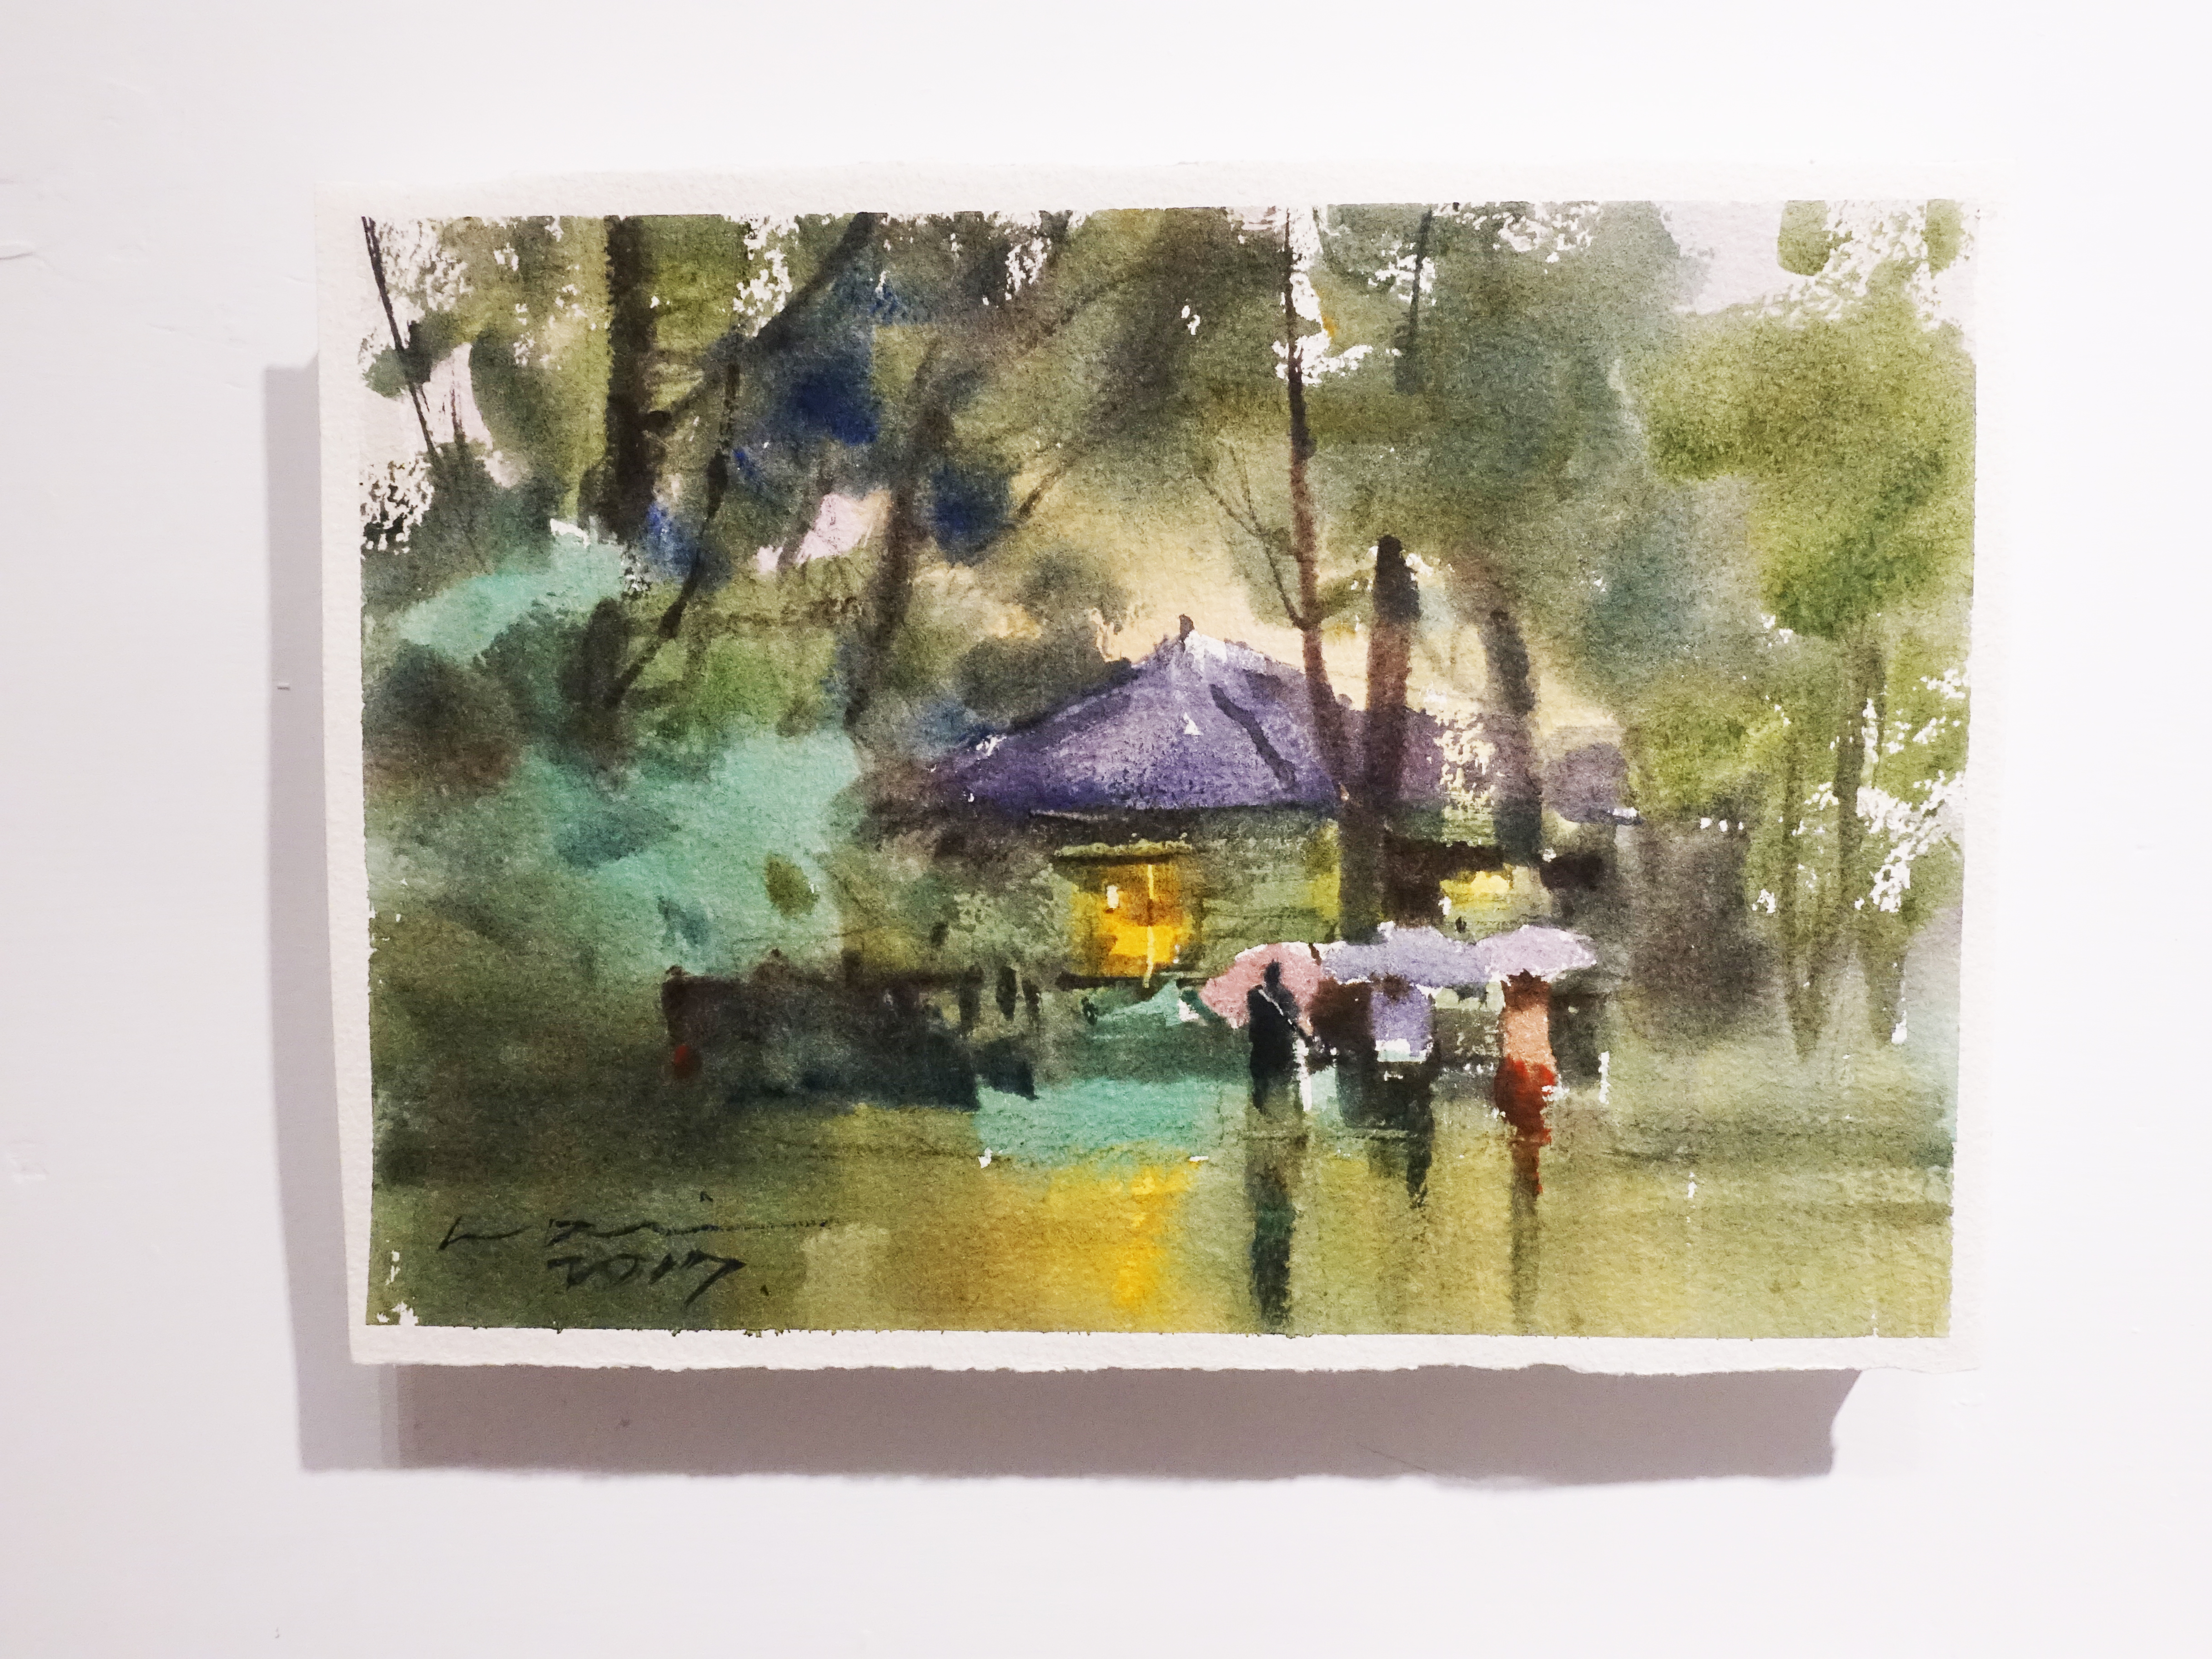 楊治瑋,《細雨》,19 x 27 cm,水彩,2017。